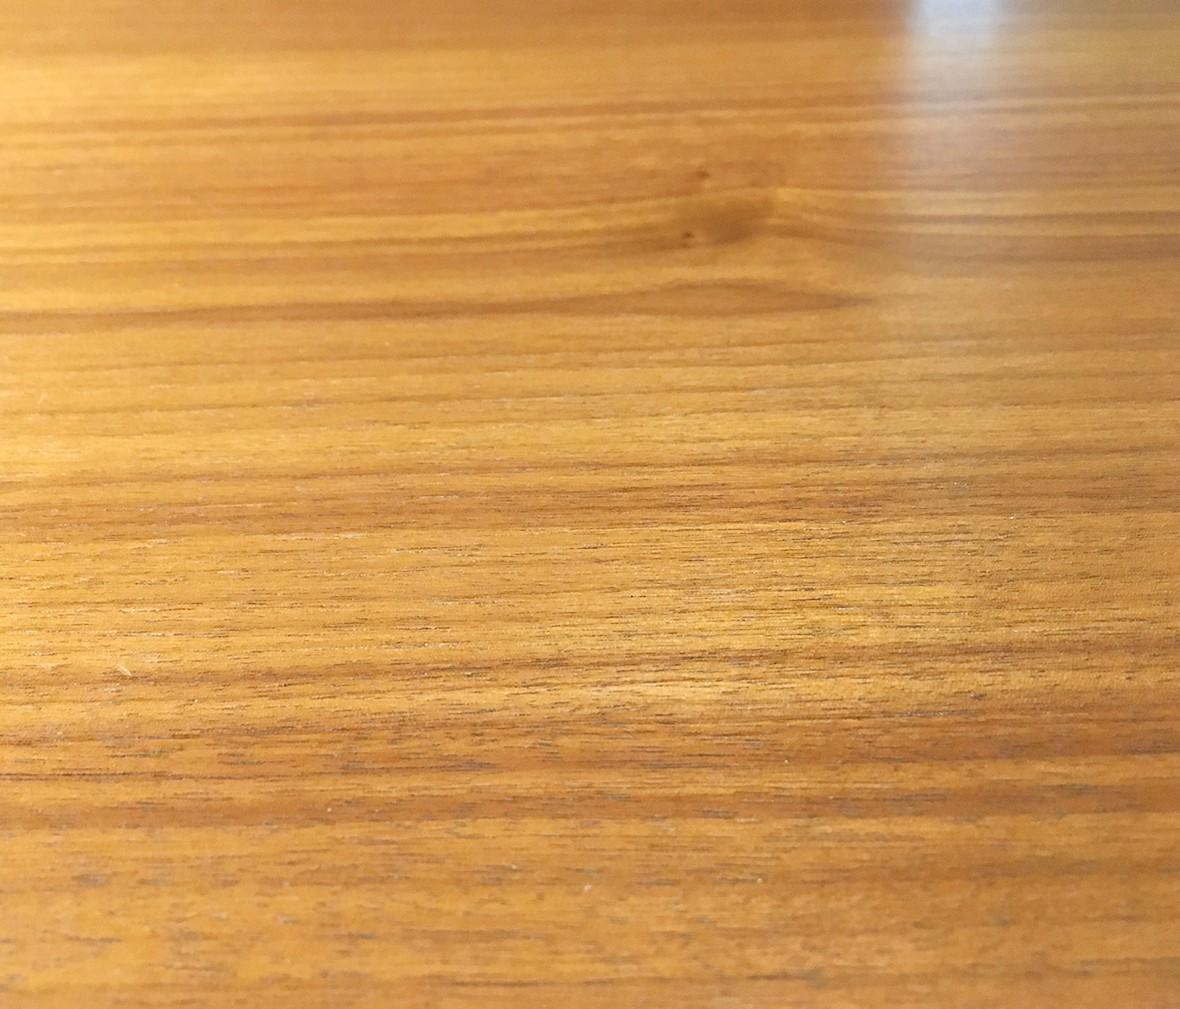 莫多家具 特价1.4米长桌  榄仁木材质长桌 现代简约风格图片、价格、品牌、评测样样齐全!【蓝景商城正品行货,蓝景丽家大钟寺家居广场提货,北京地区配送,领券更优惠,线上线下同品同价,立即购买享受更多优惠哦!】